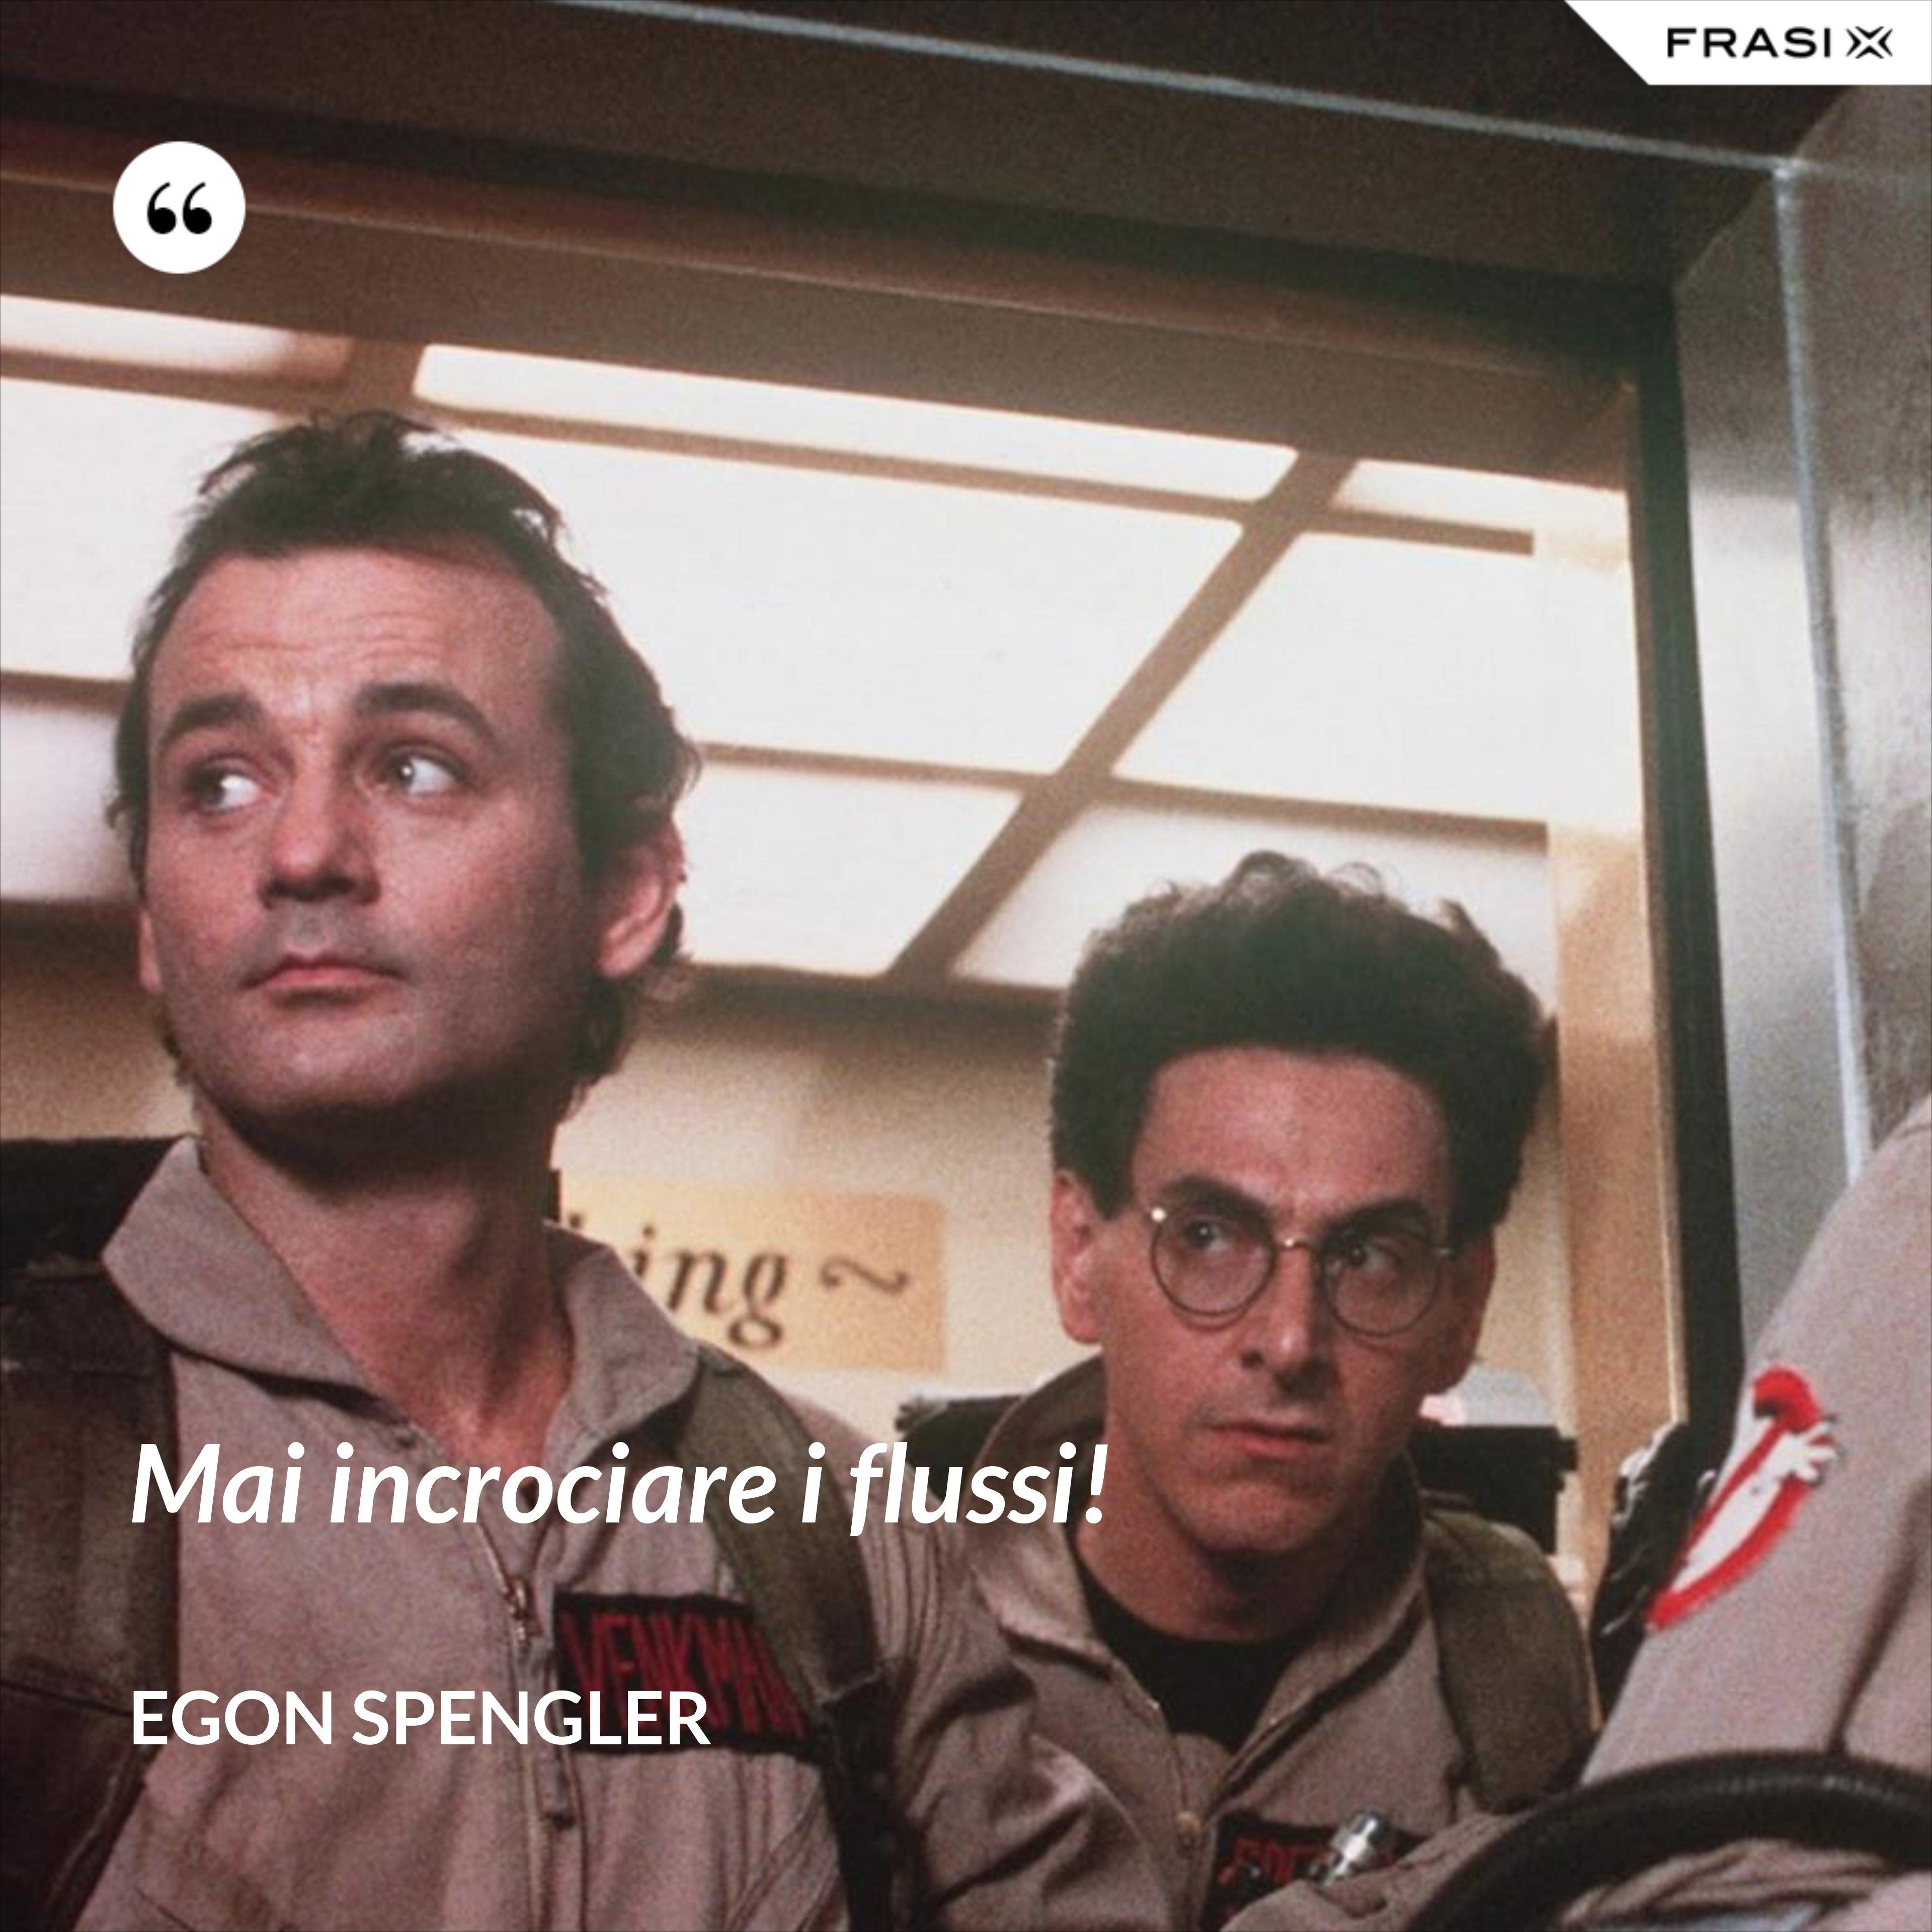 Mai incrociare i flussi! - Egon Spengler